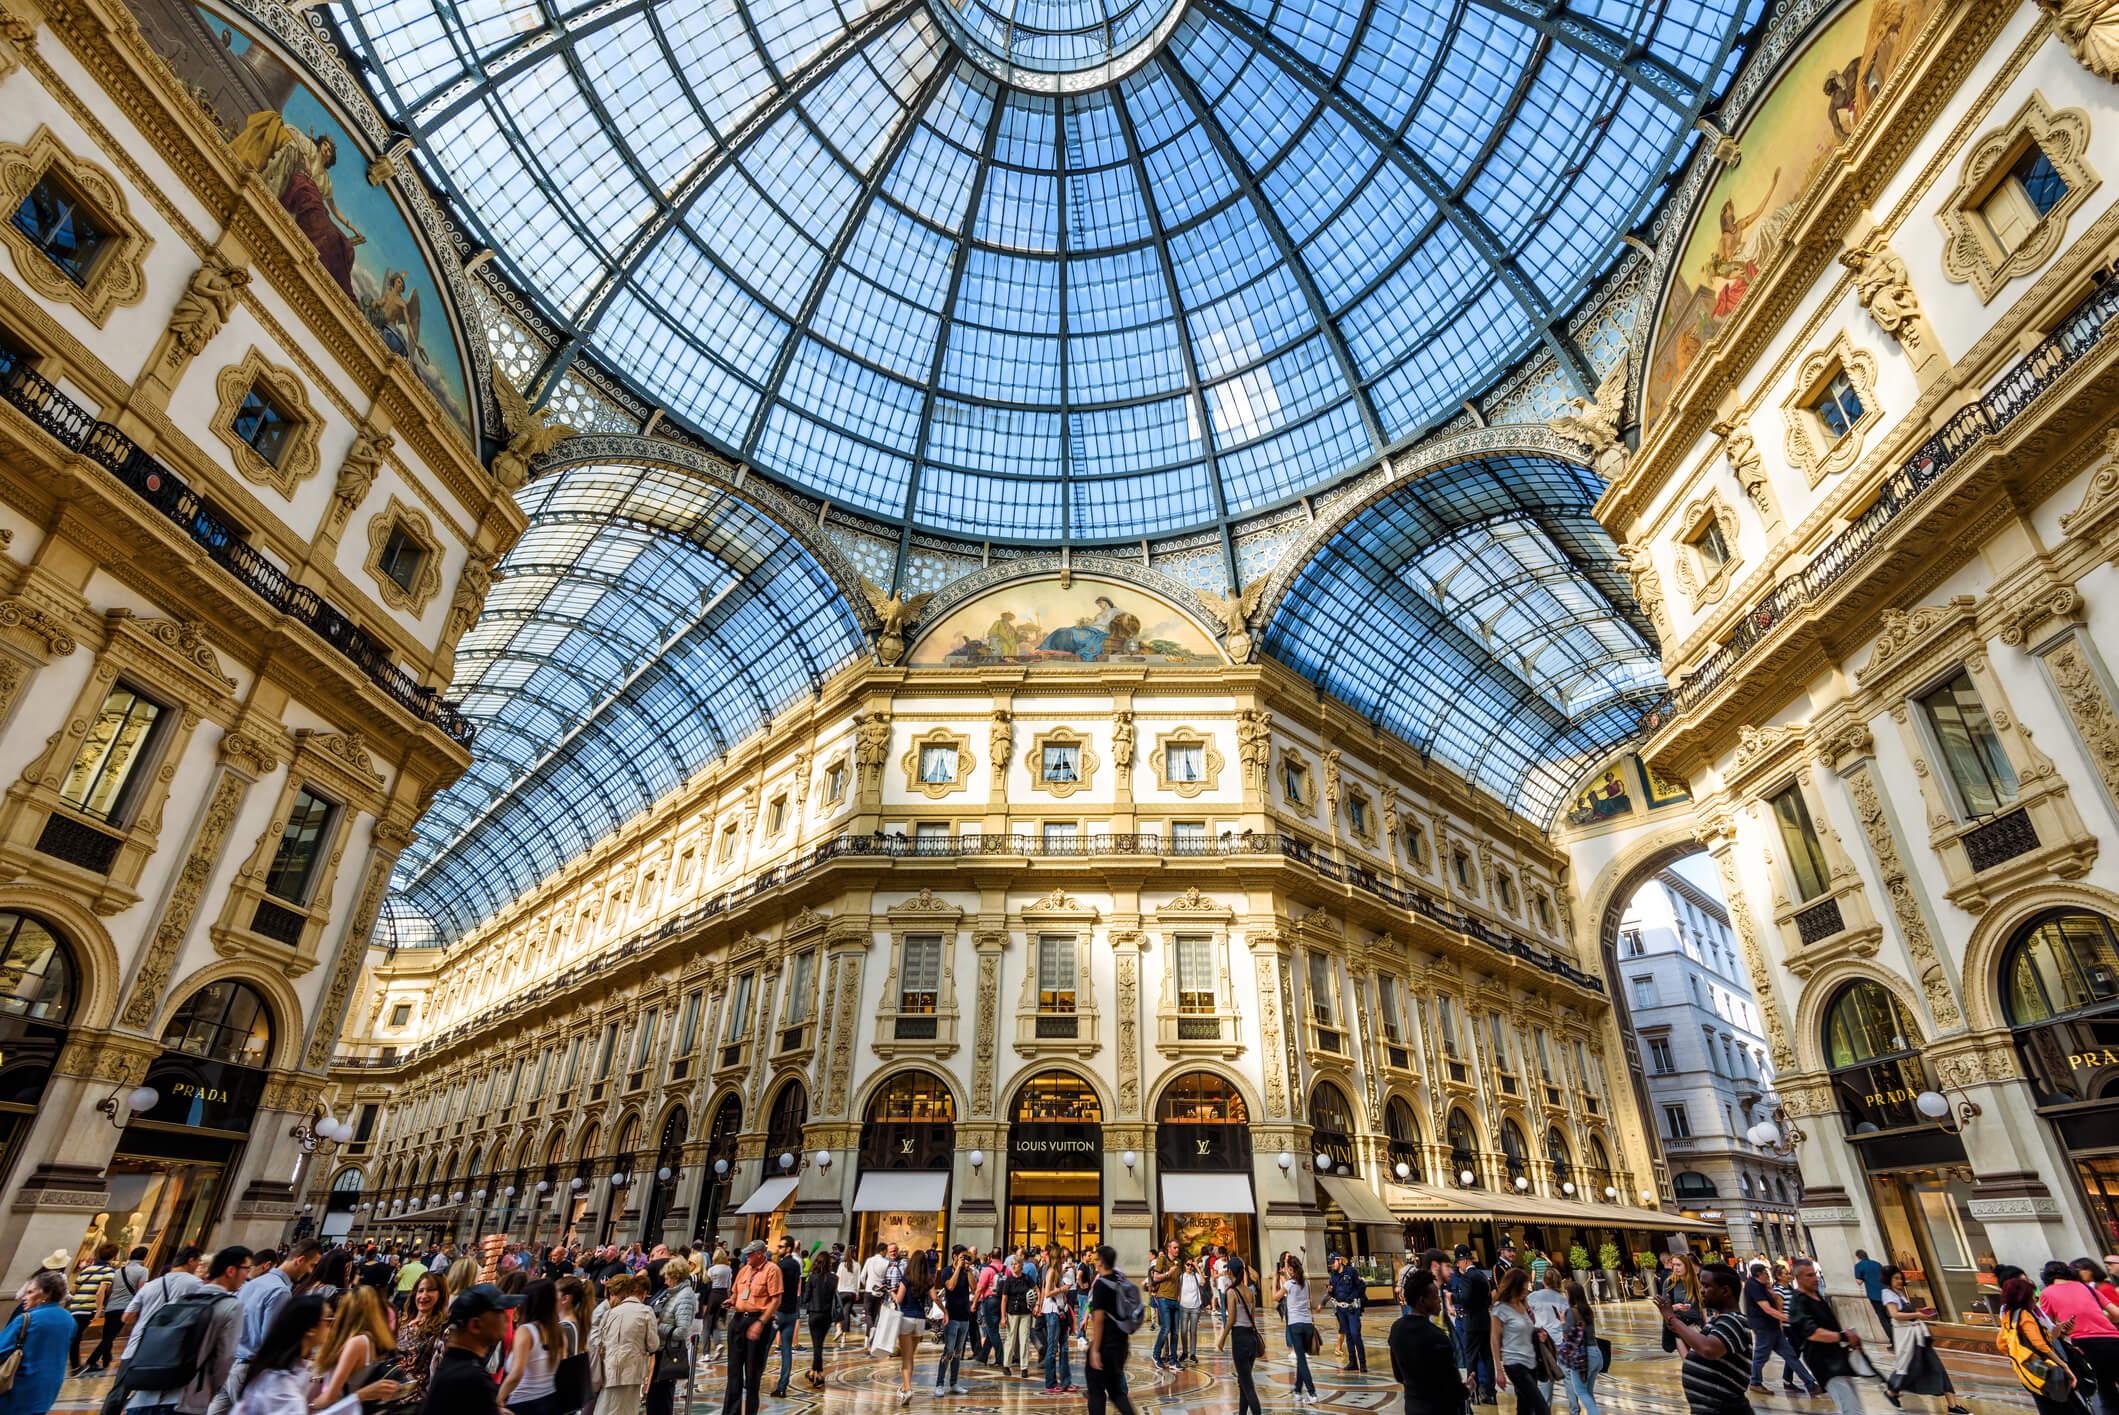 Bild Galleria Vittorio Emanuele II, Mailand